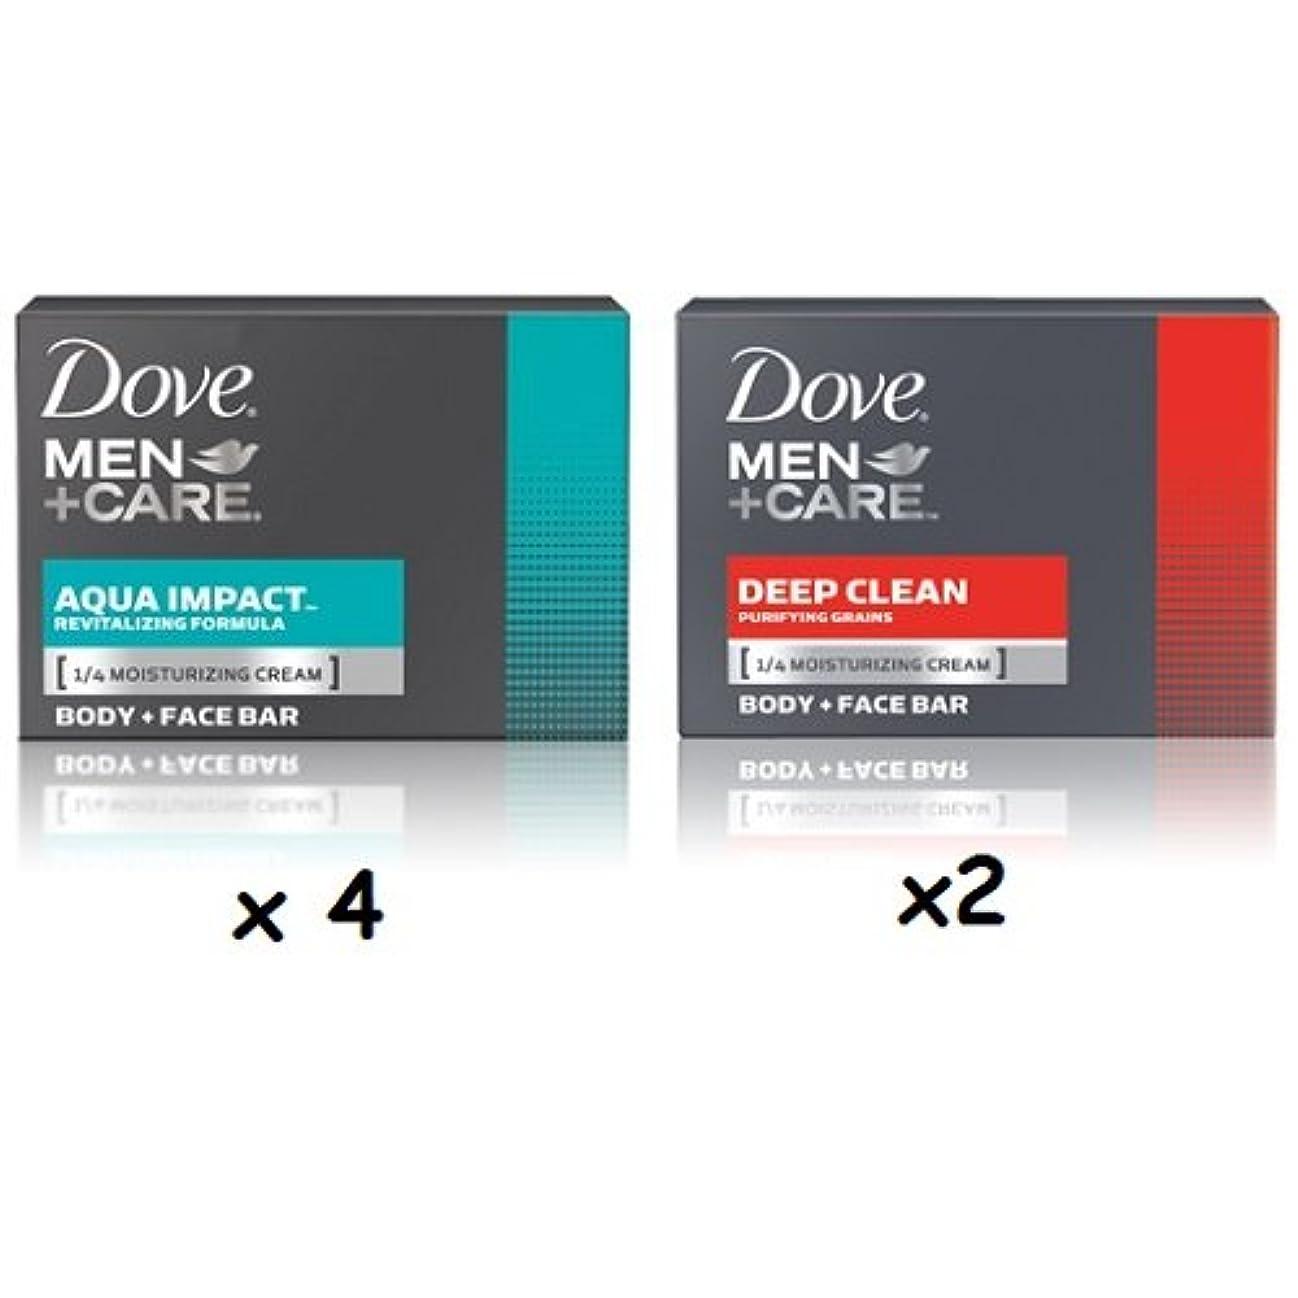 ニコチン勢いスーツ【6個セット】Dove MEN+CARE Body&Face Bar Soap (4ozx6) ダヴ メンズプラスケア 体&顔用の固形石鹸(113gx6)(Deep Clean 4個とAqua Impact2個 合計6個...